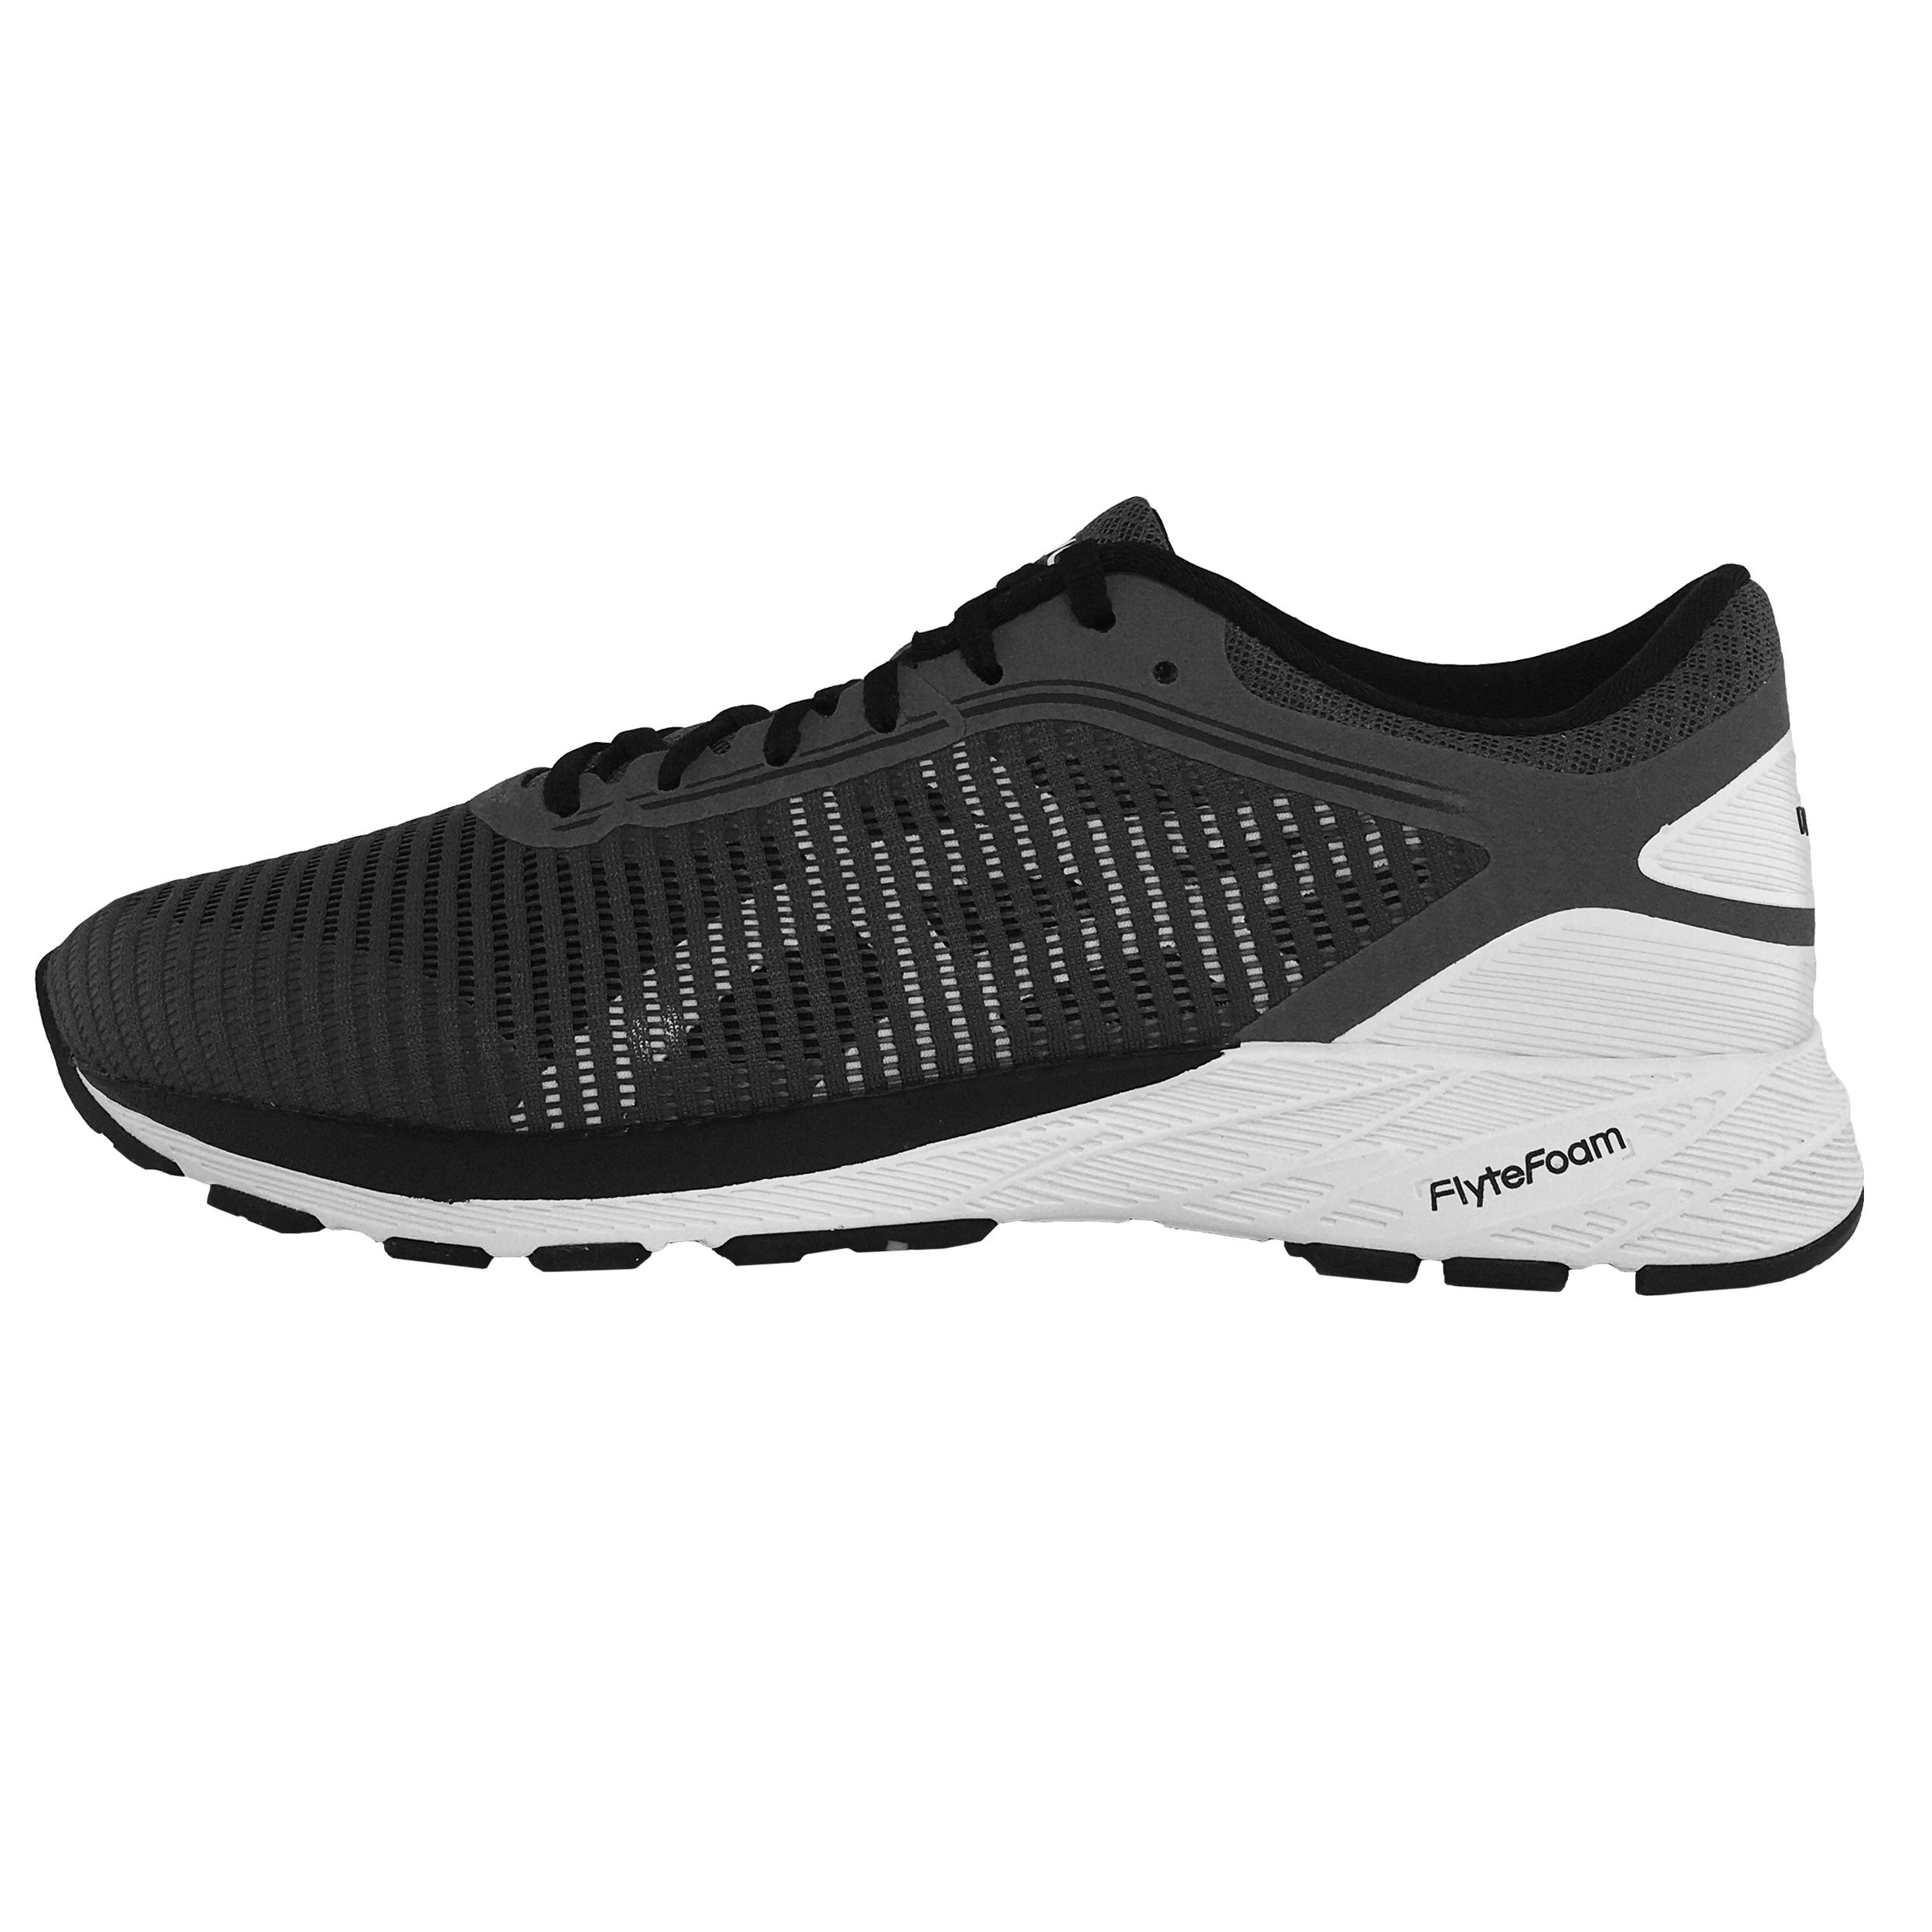 کفش مخصوص پیاده روی مردانه اسیکس مدل Dyna Flyte 2 کد 63